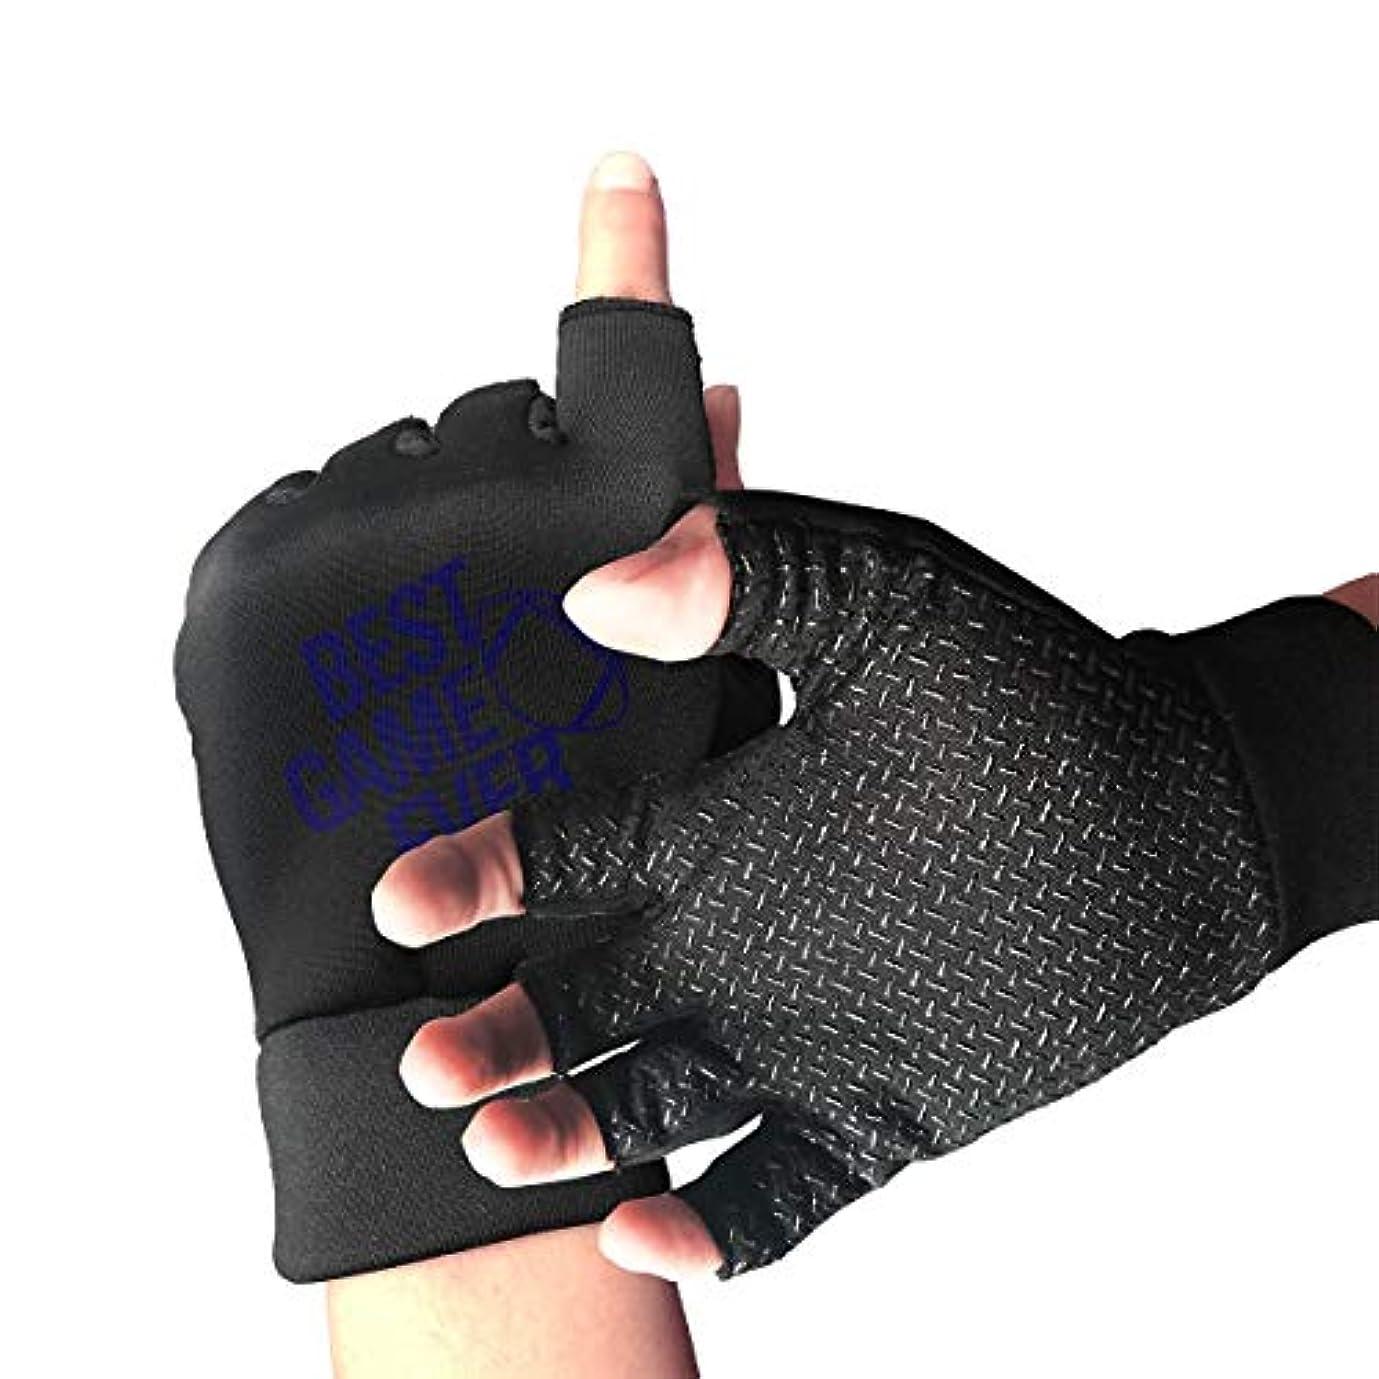 死ぬ説明チャンス自転車半指手袋 サイクリンググローブ Best Game Ever 滑り止め付き 通気性 アウトドア スポーツ用 バイク指切りグローブ ユニセックス